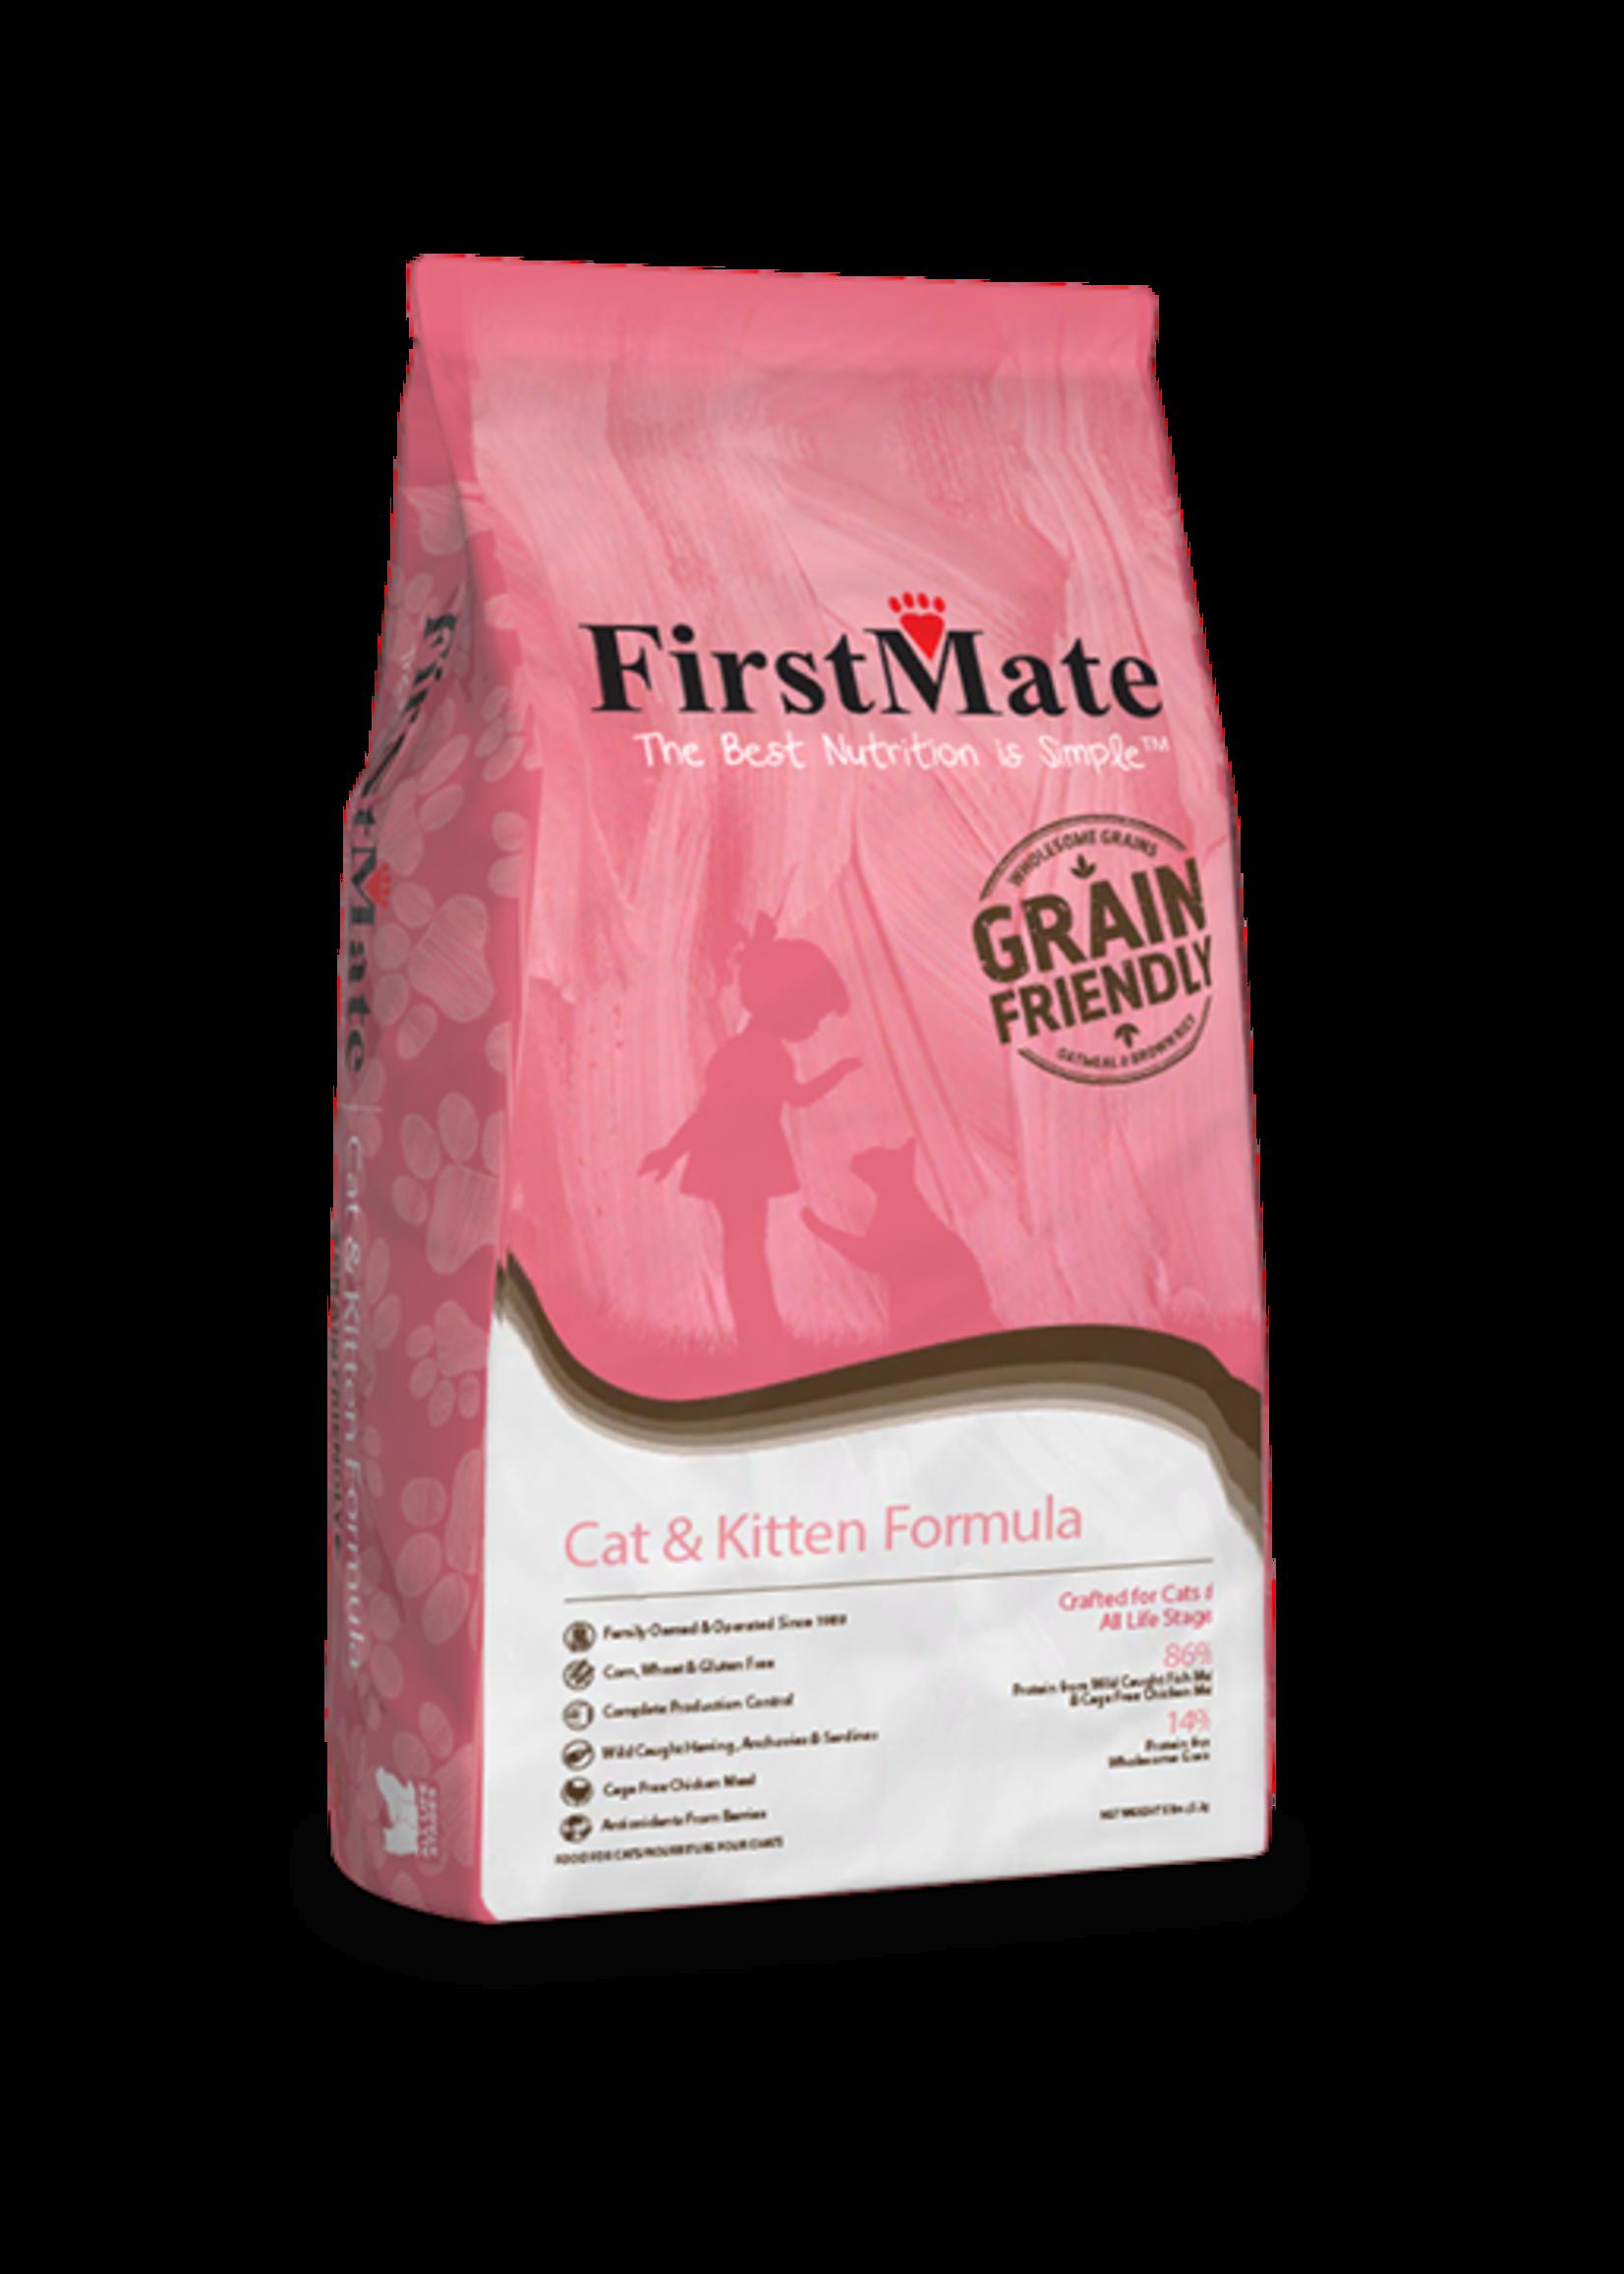 FirstMate FirstMate Cat & Kitten Formula 5lbs